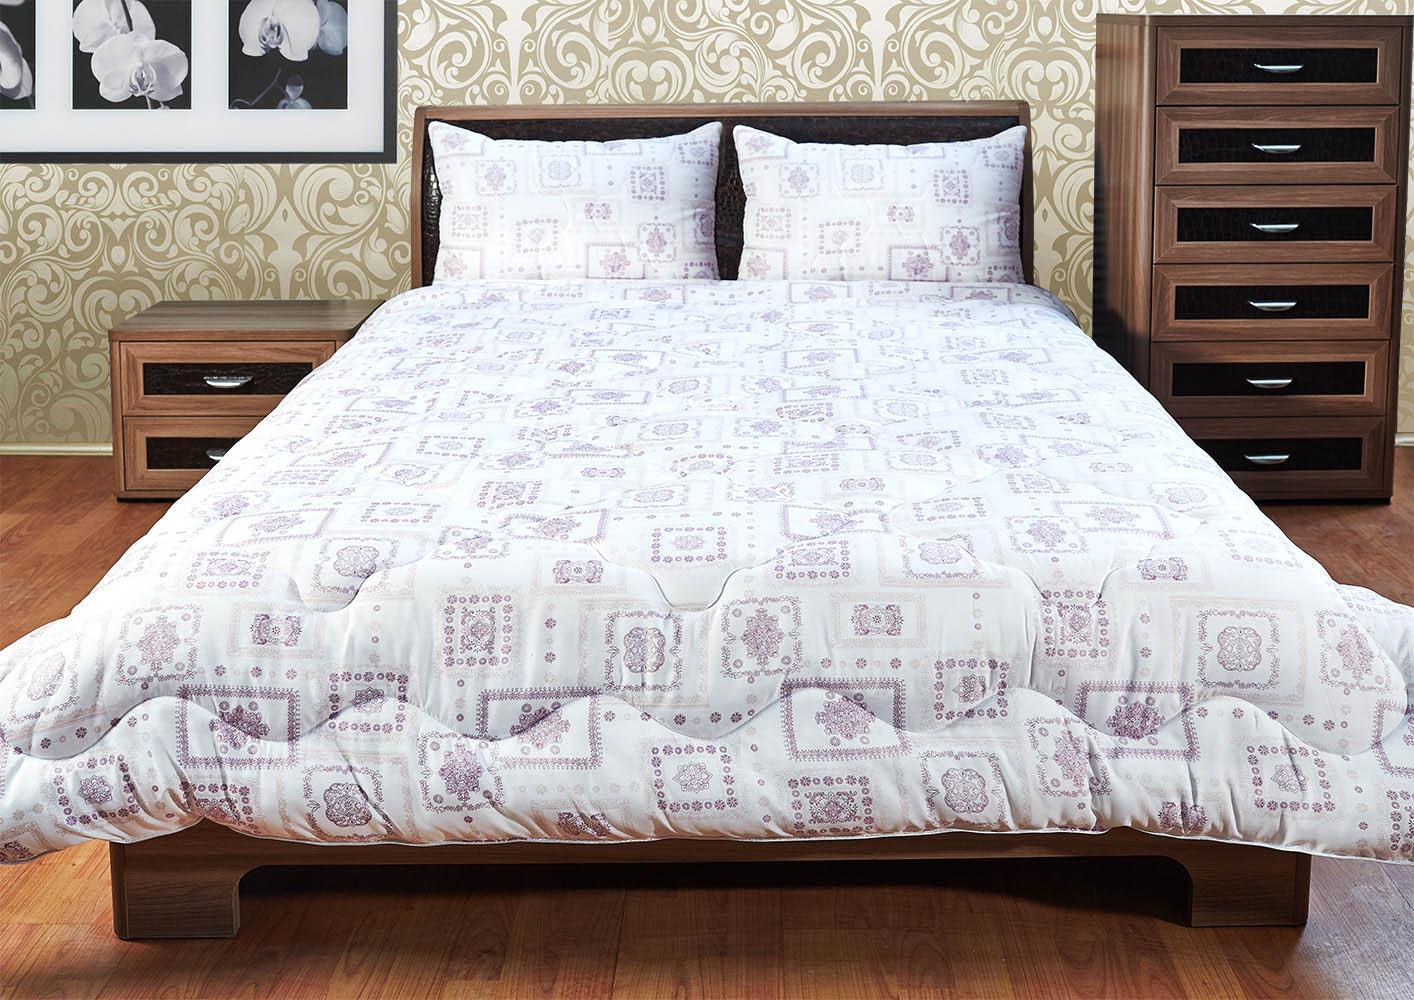 Одеяла Primavelle Одеяло Aster Цвет: Белый (200х220 см) одеяло двуспальное primavelle aster